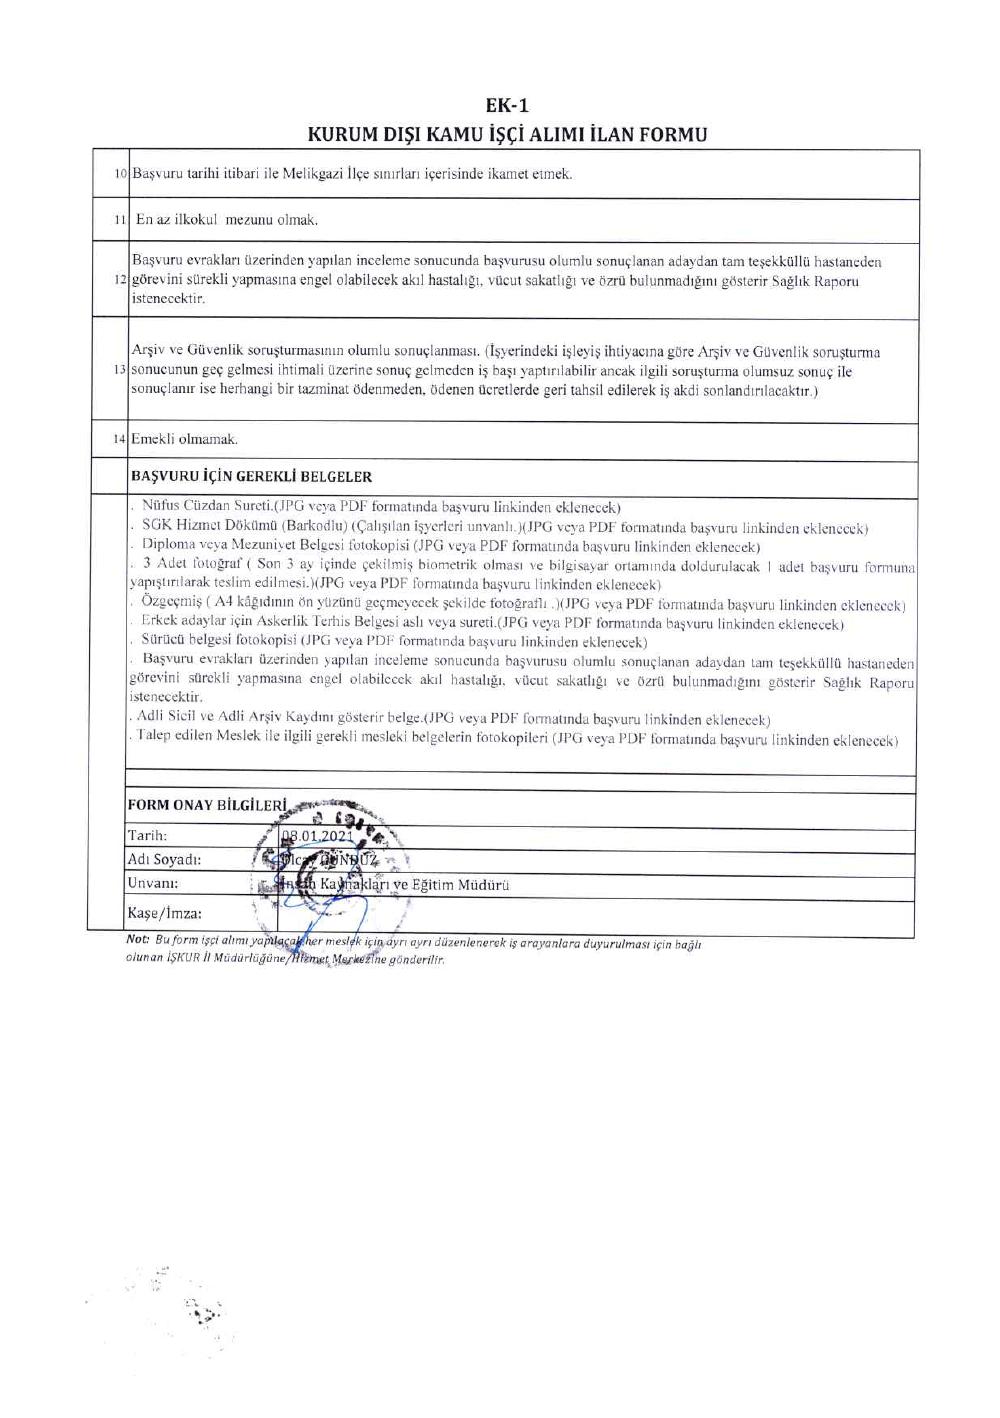 kayseri-melikgazi-belediyesi-temel-ihty-mad-san-ve-tic-islt-a-s-11-01-2021-000004.png